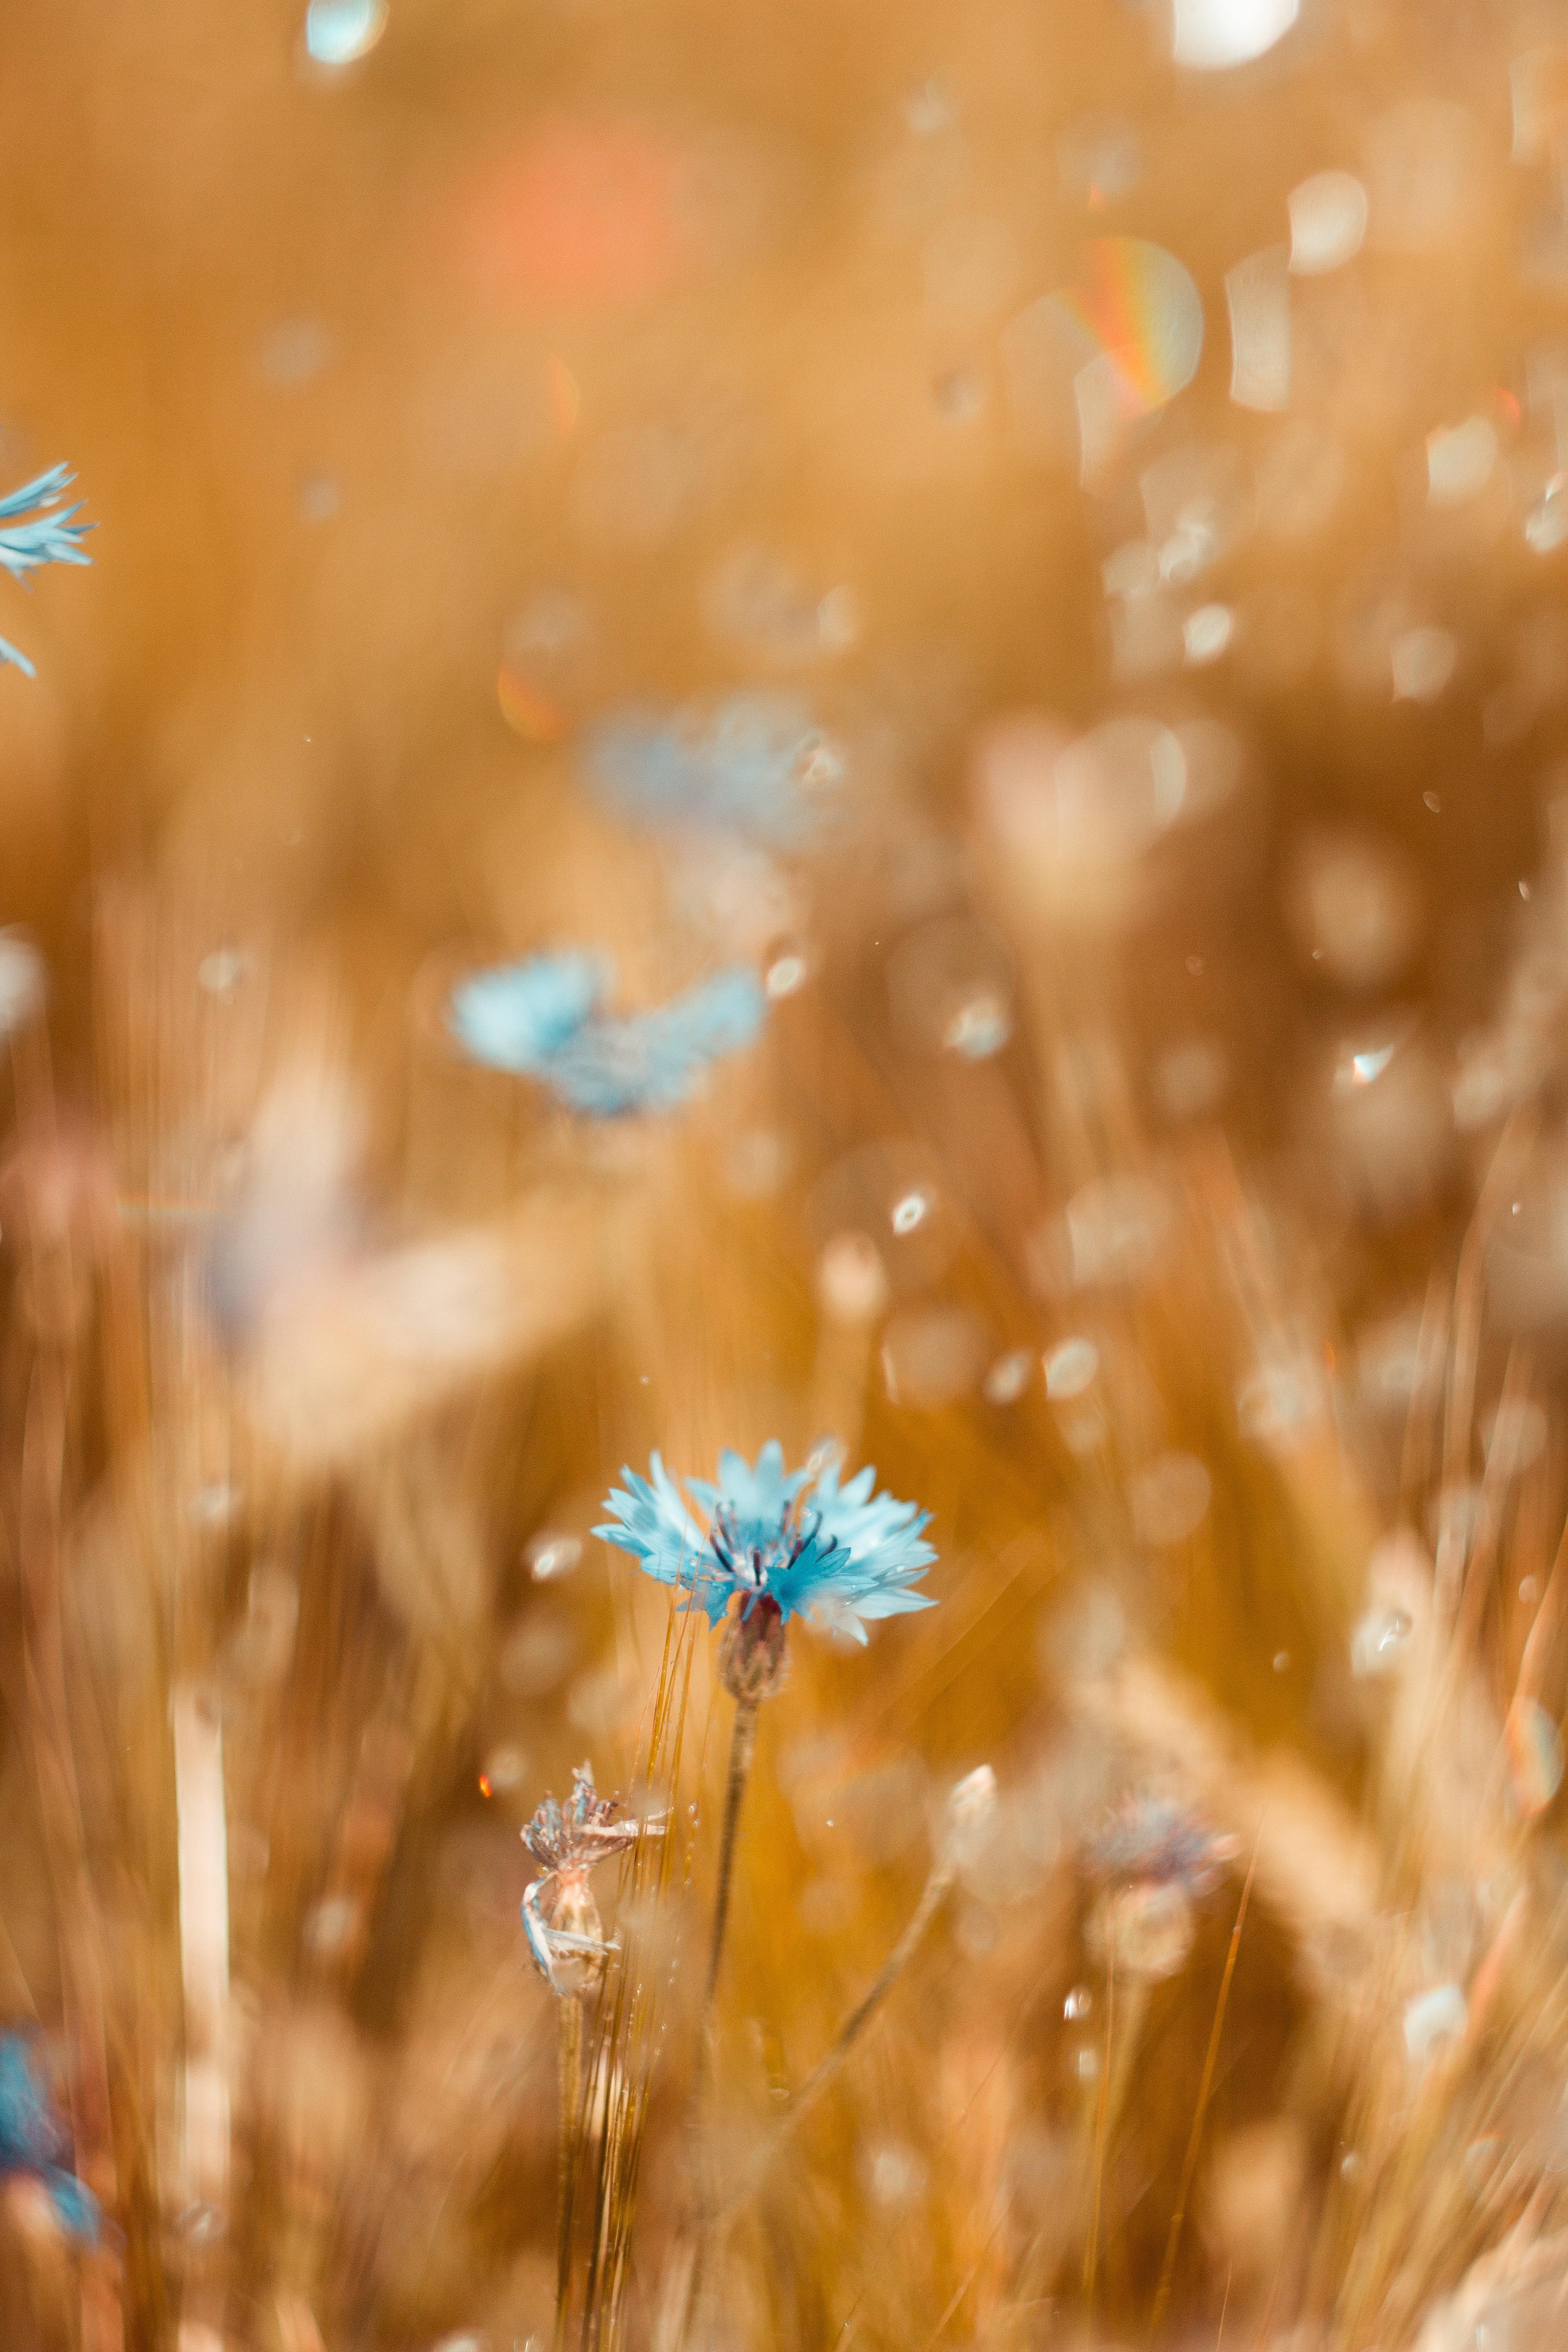 151083 скачать обои Цветок, Макро, Размытость, Голубой, Поле, Василек - заставки и картинки бесплатно